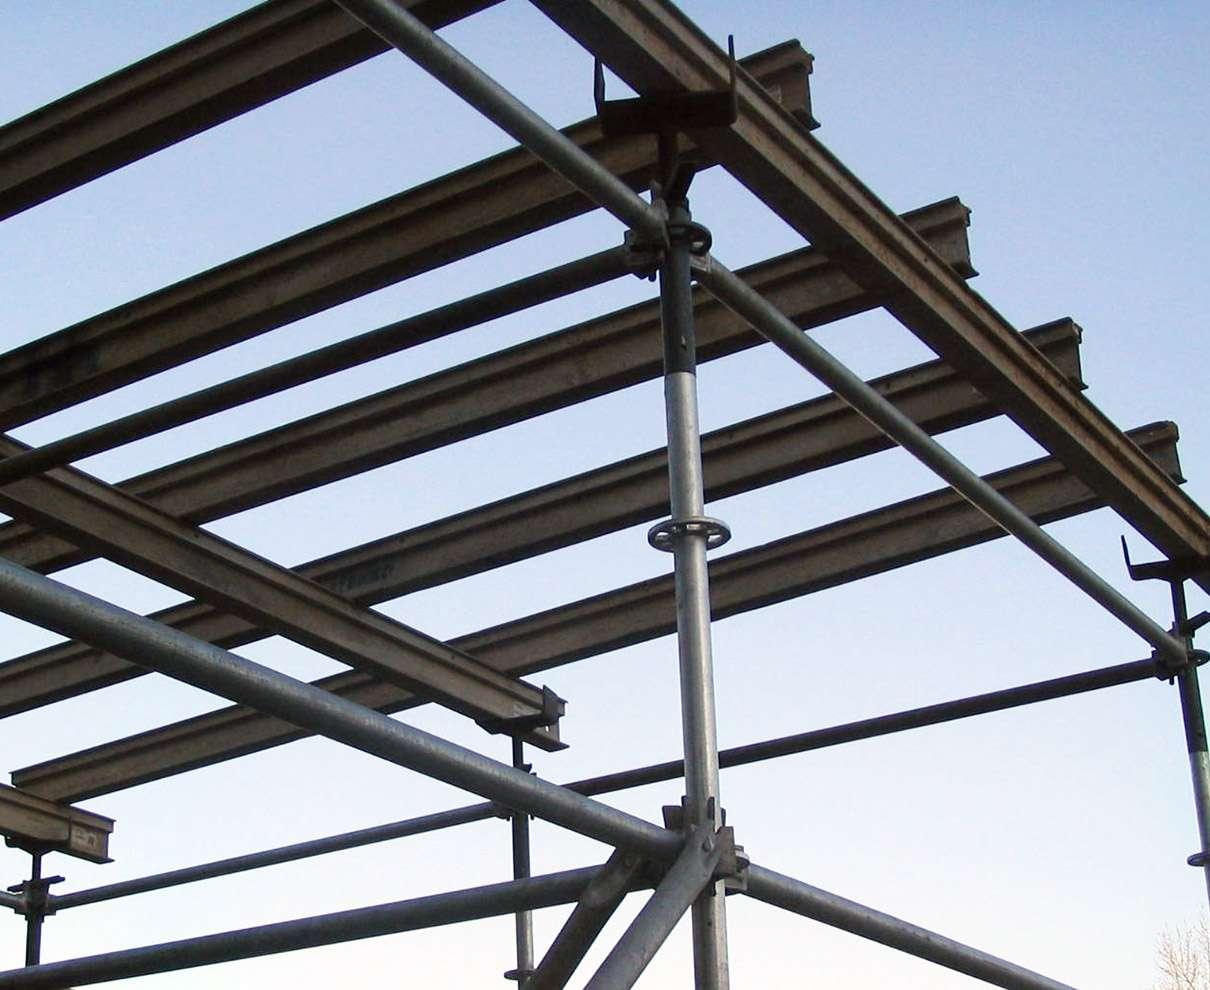 vigas de aluminio con multidireccional encofrados de